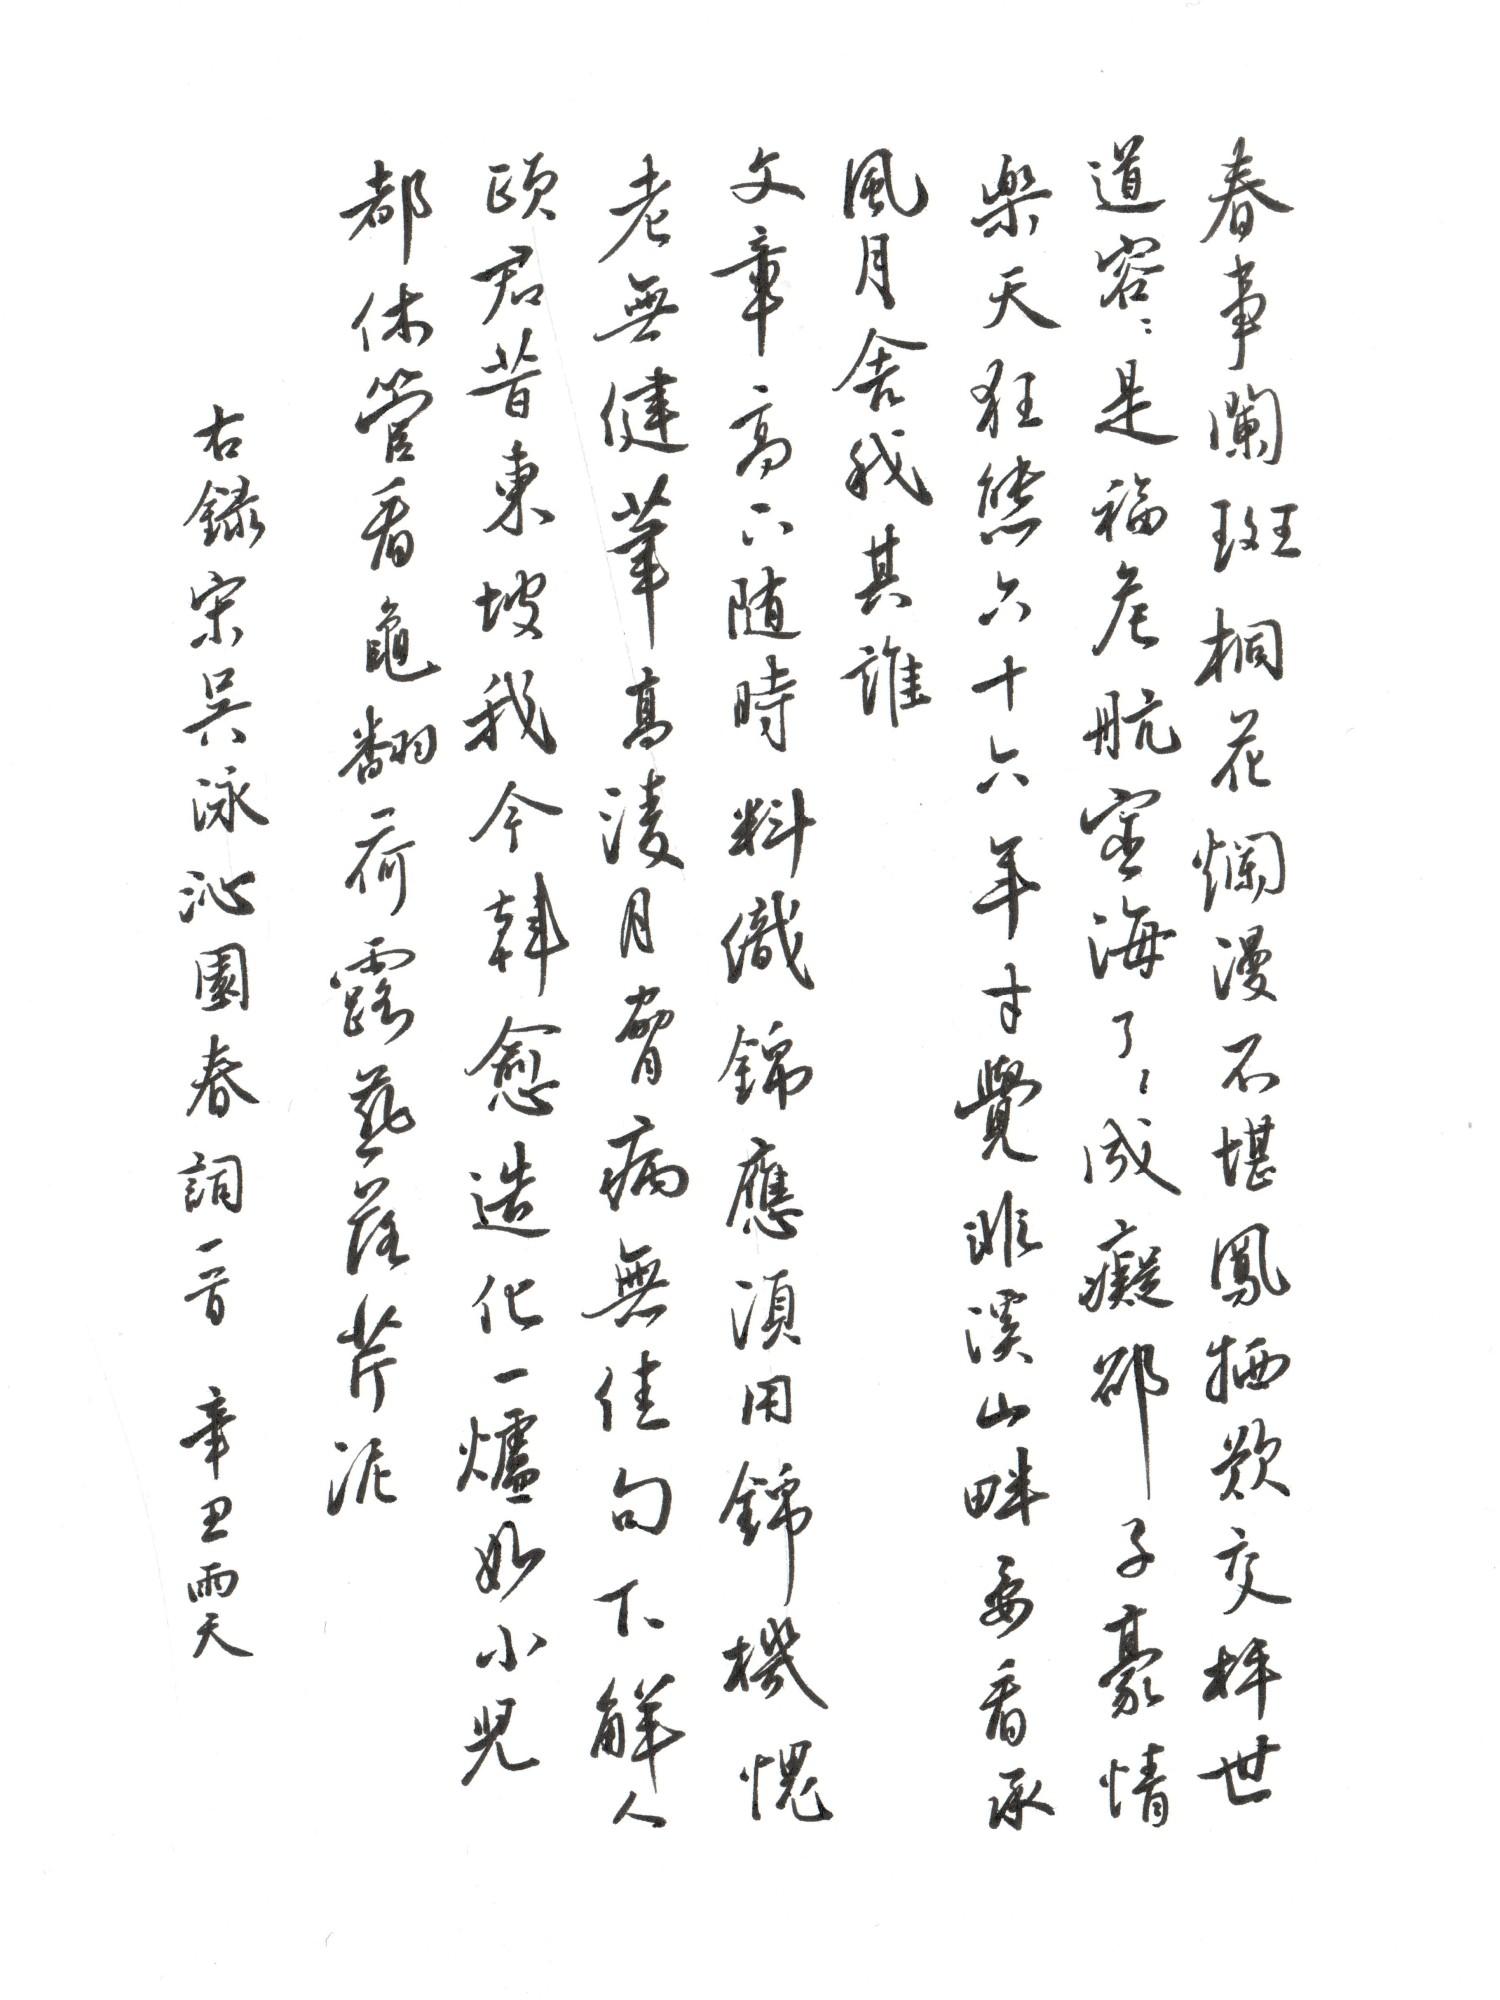 钢笔爱好者练字打卡20210323-02